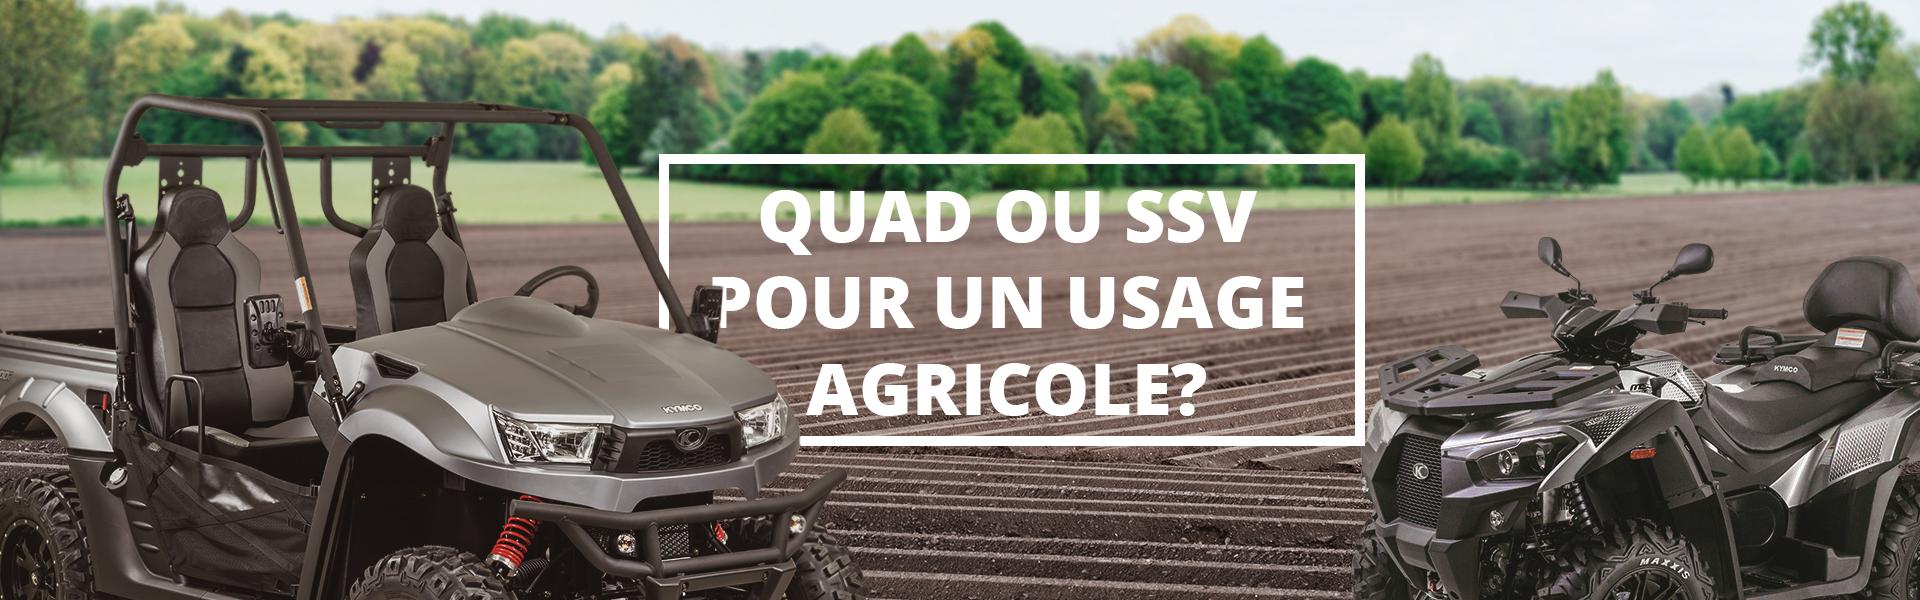 quads-ou-ssv-agricole-1